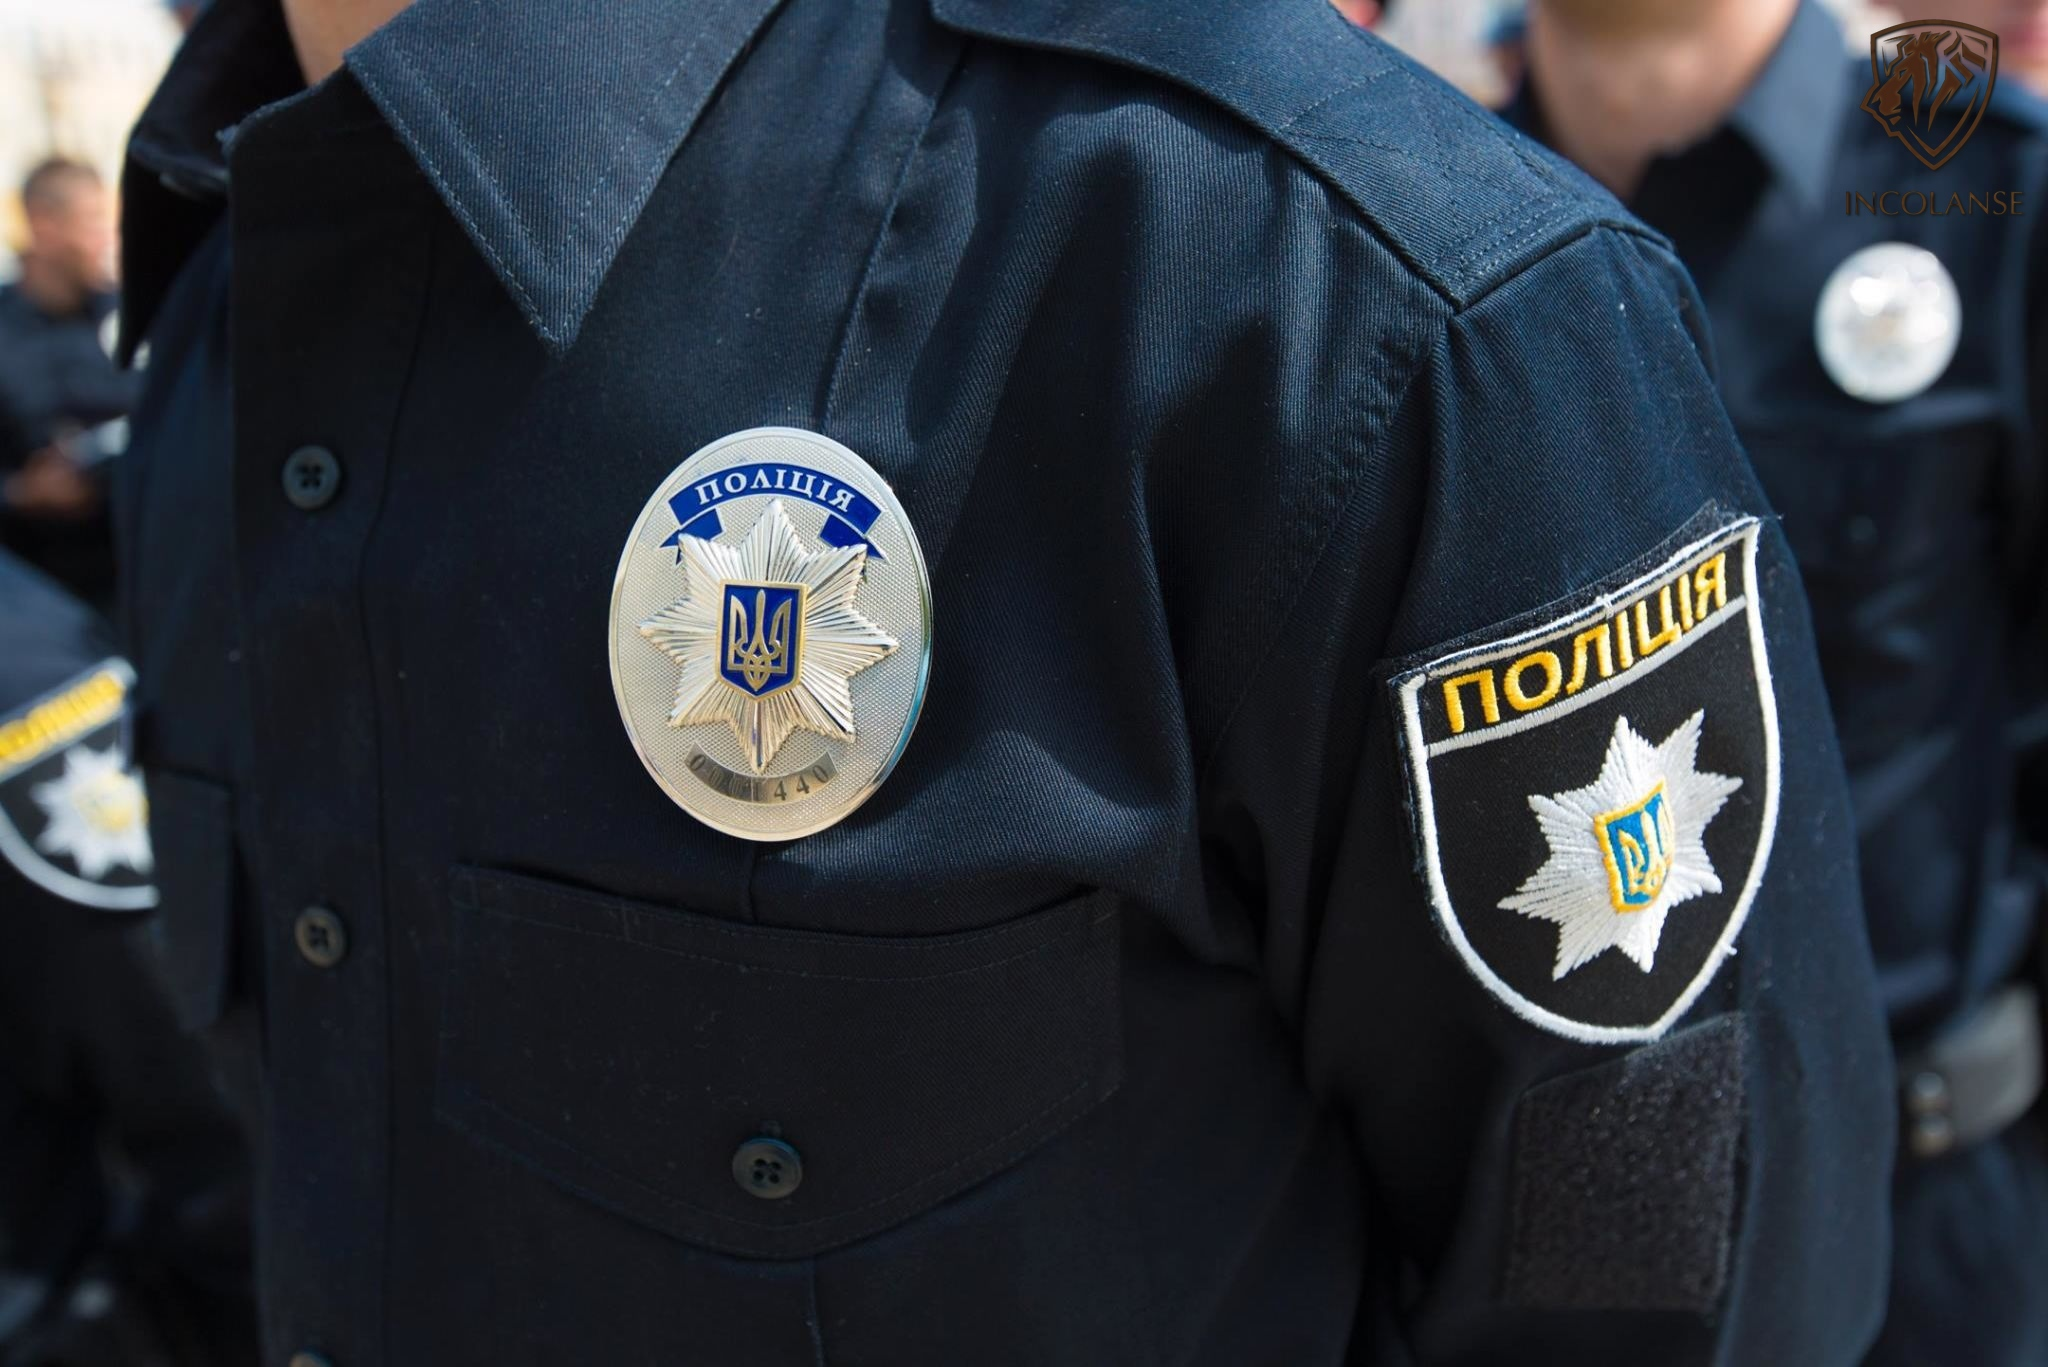 Incolanse LTD ООО «Инколанс» ТОВ «Інколанс» поліцейських